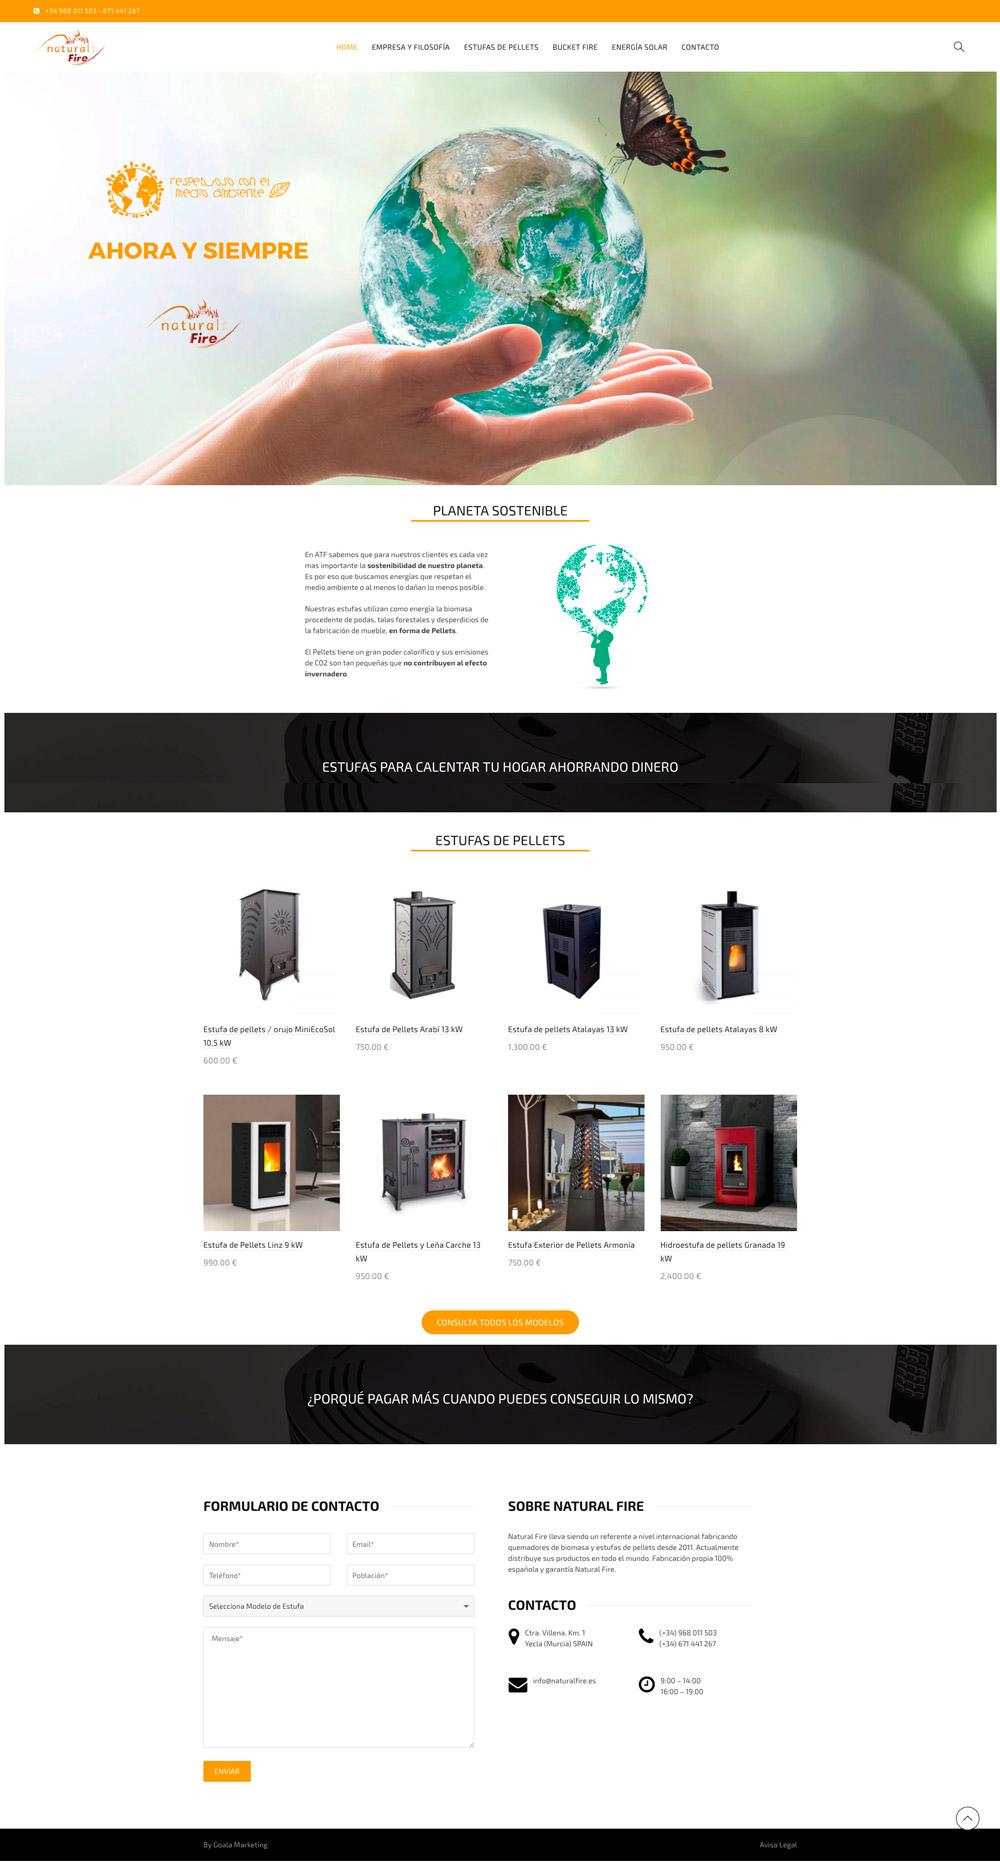 Yecla, diseño web estufas de pellets